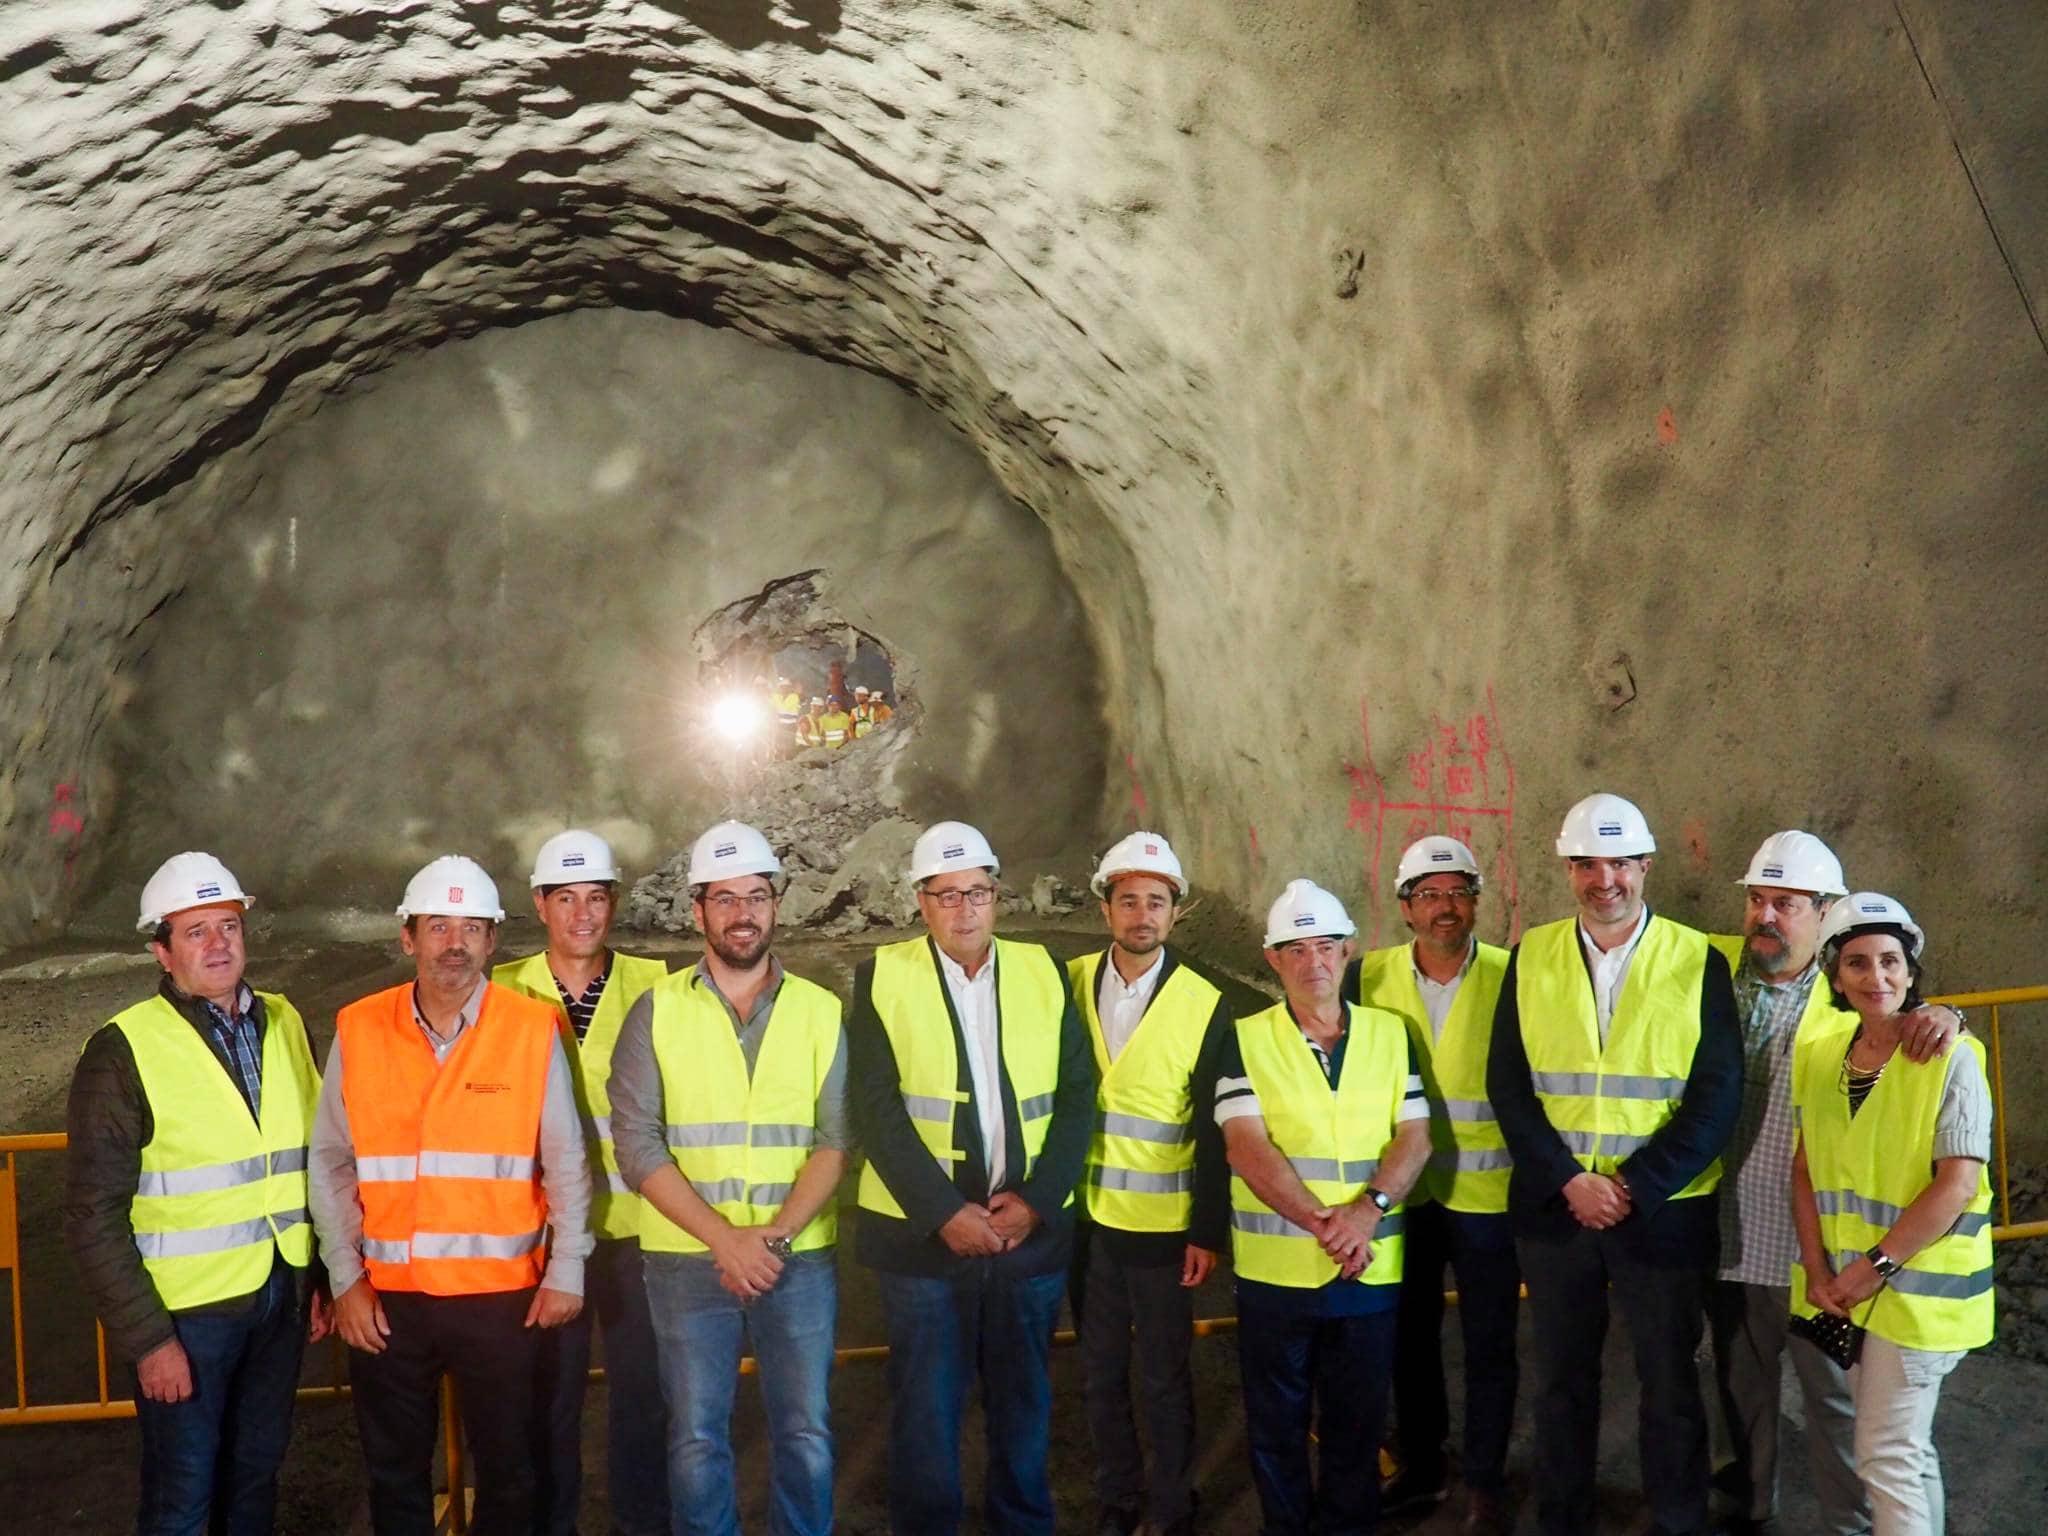 Paralitzades les obres del túnel de Tresponts per impagaments de la Generalitat